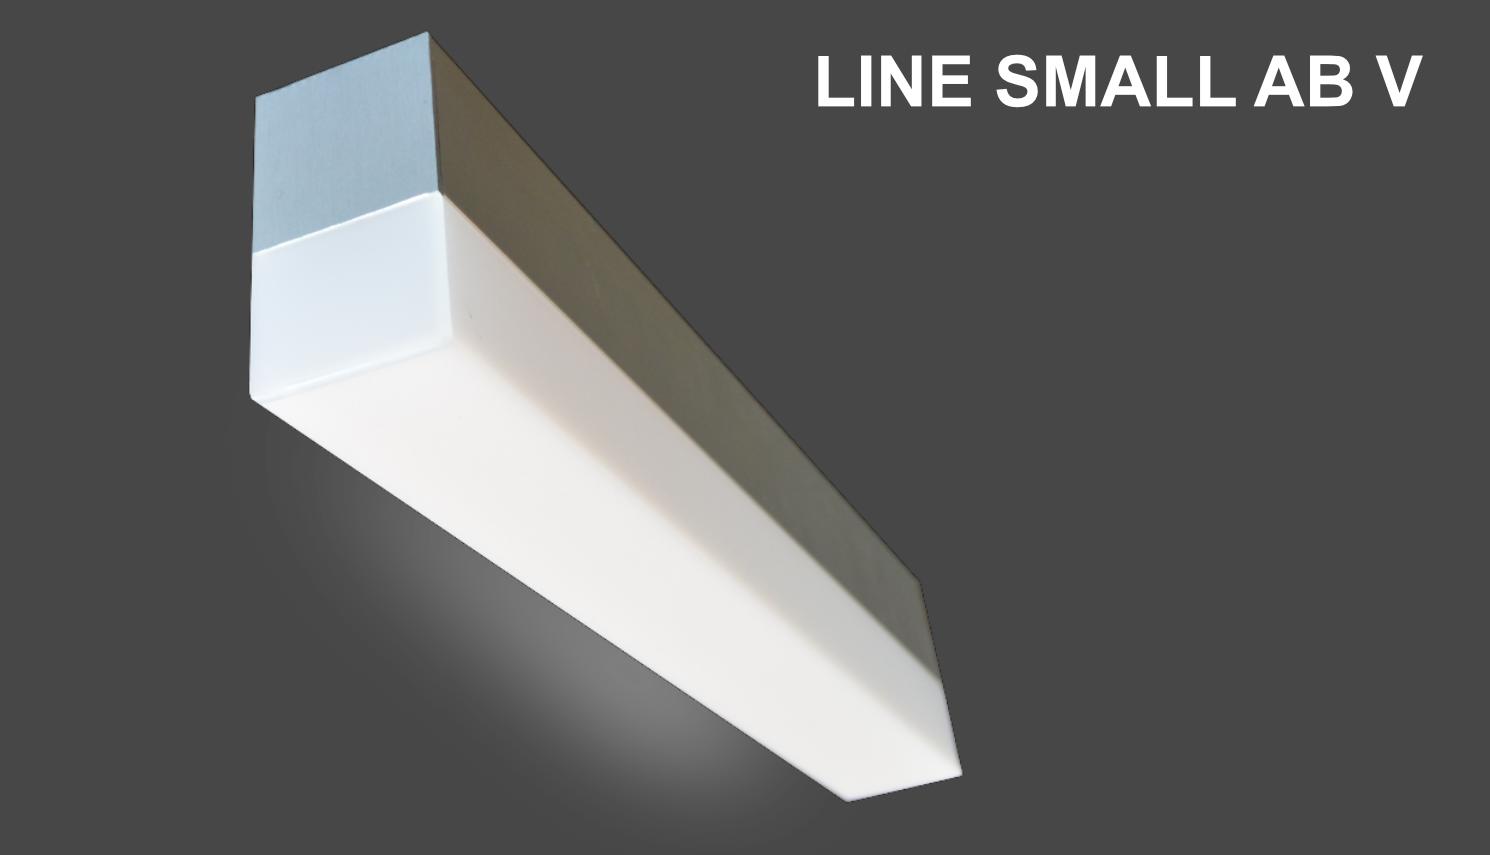 LINE SMALL V